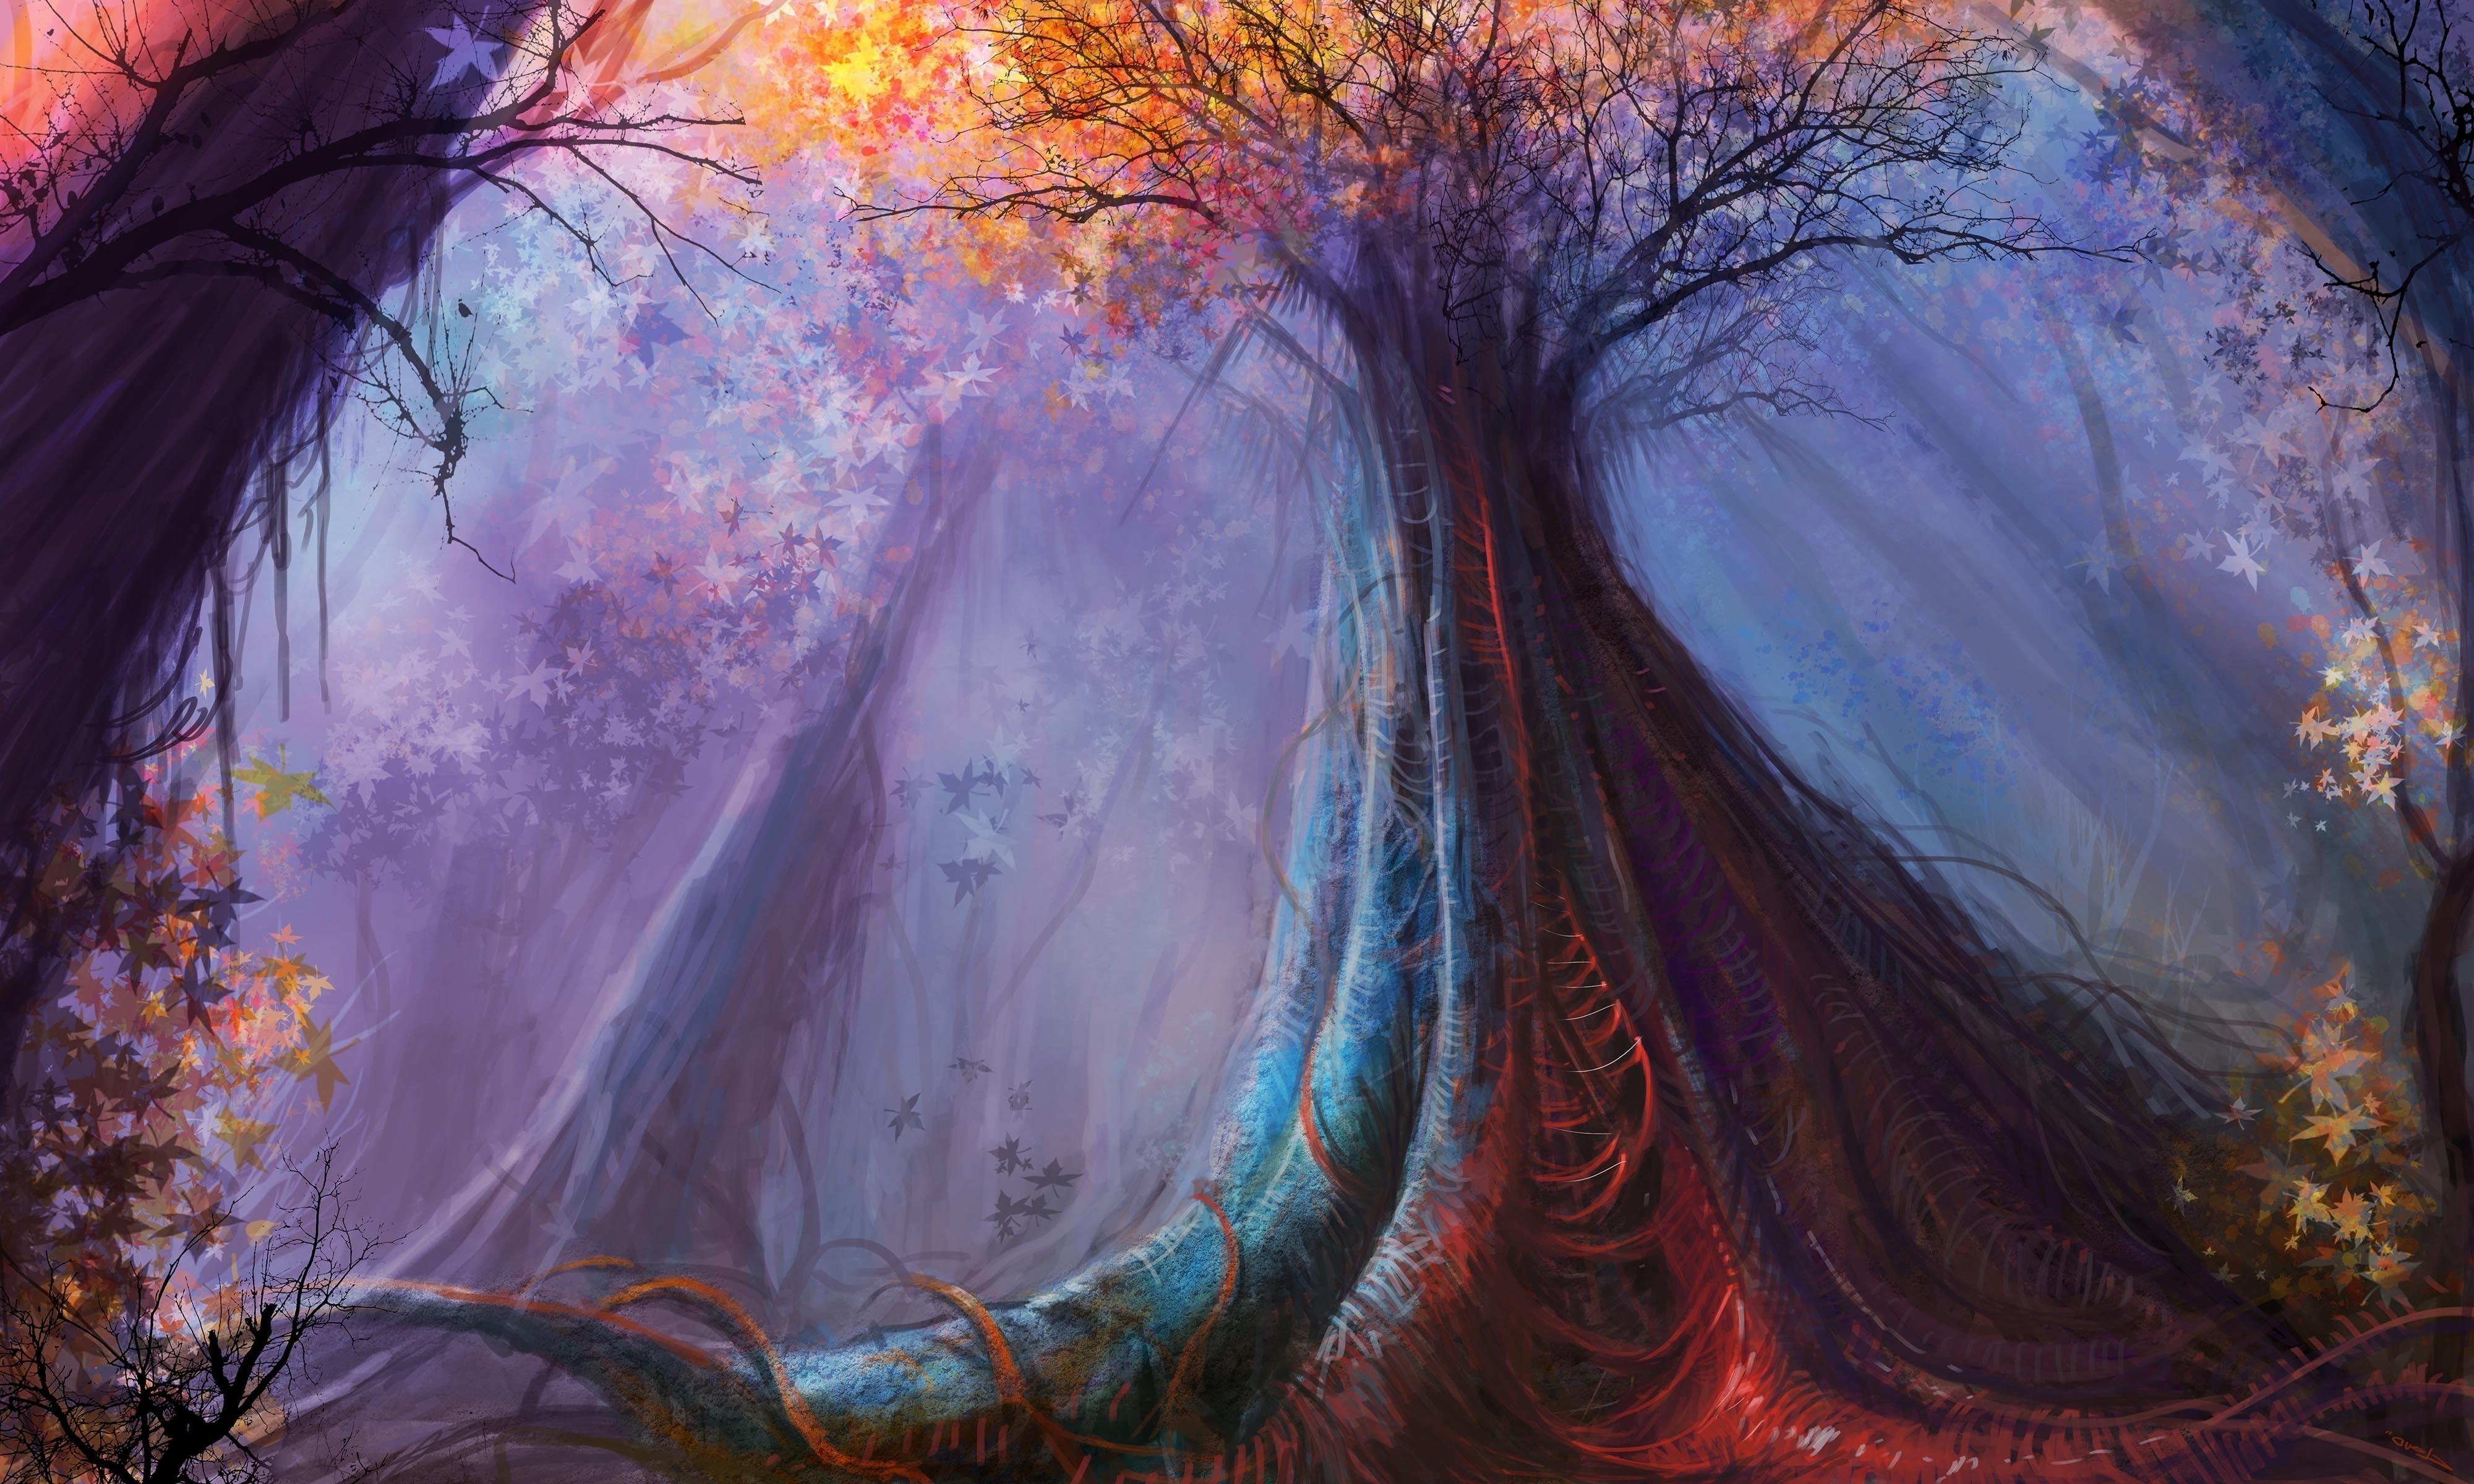 ответ фэнтези лес рисунок фордайса